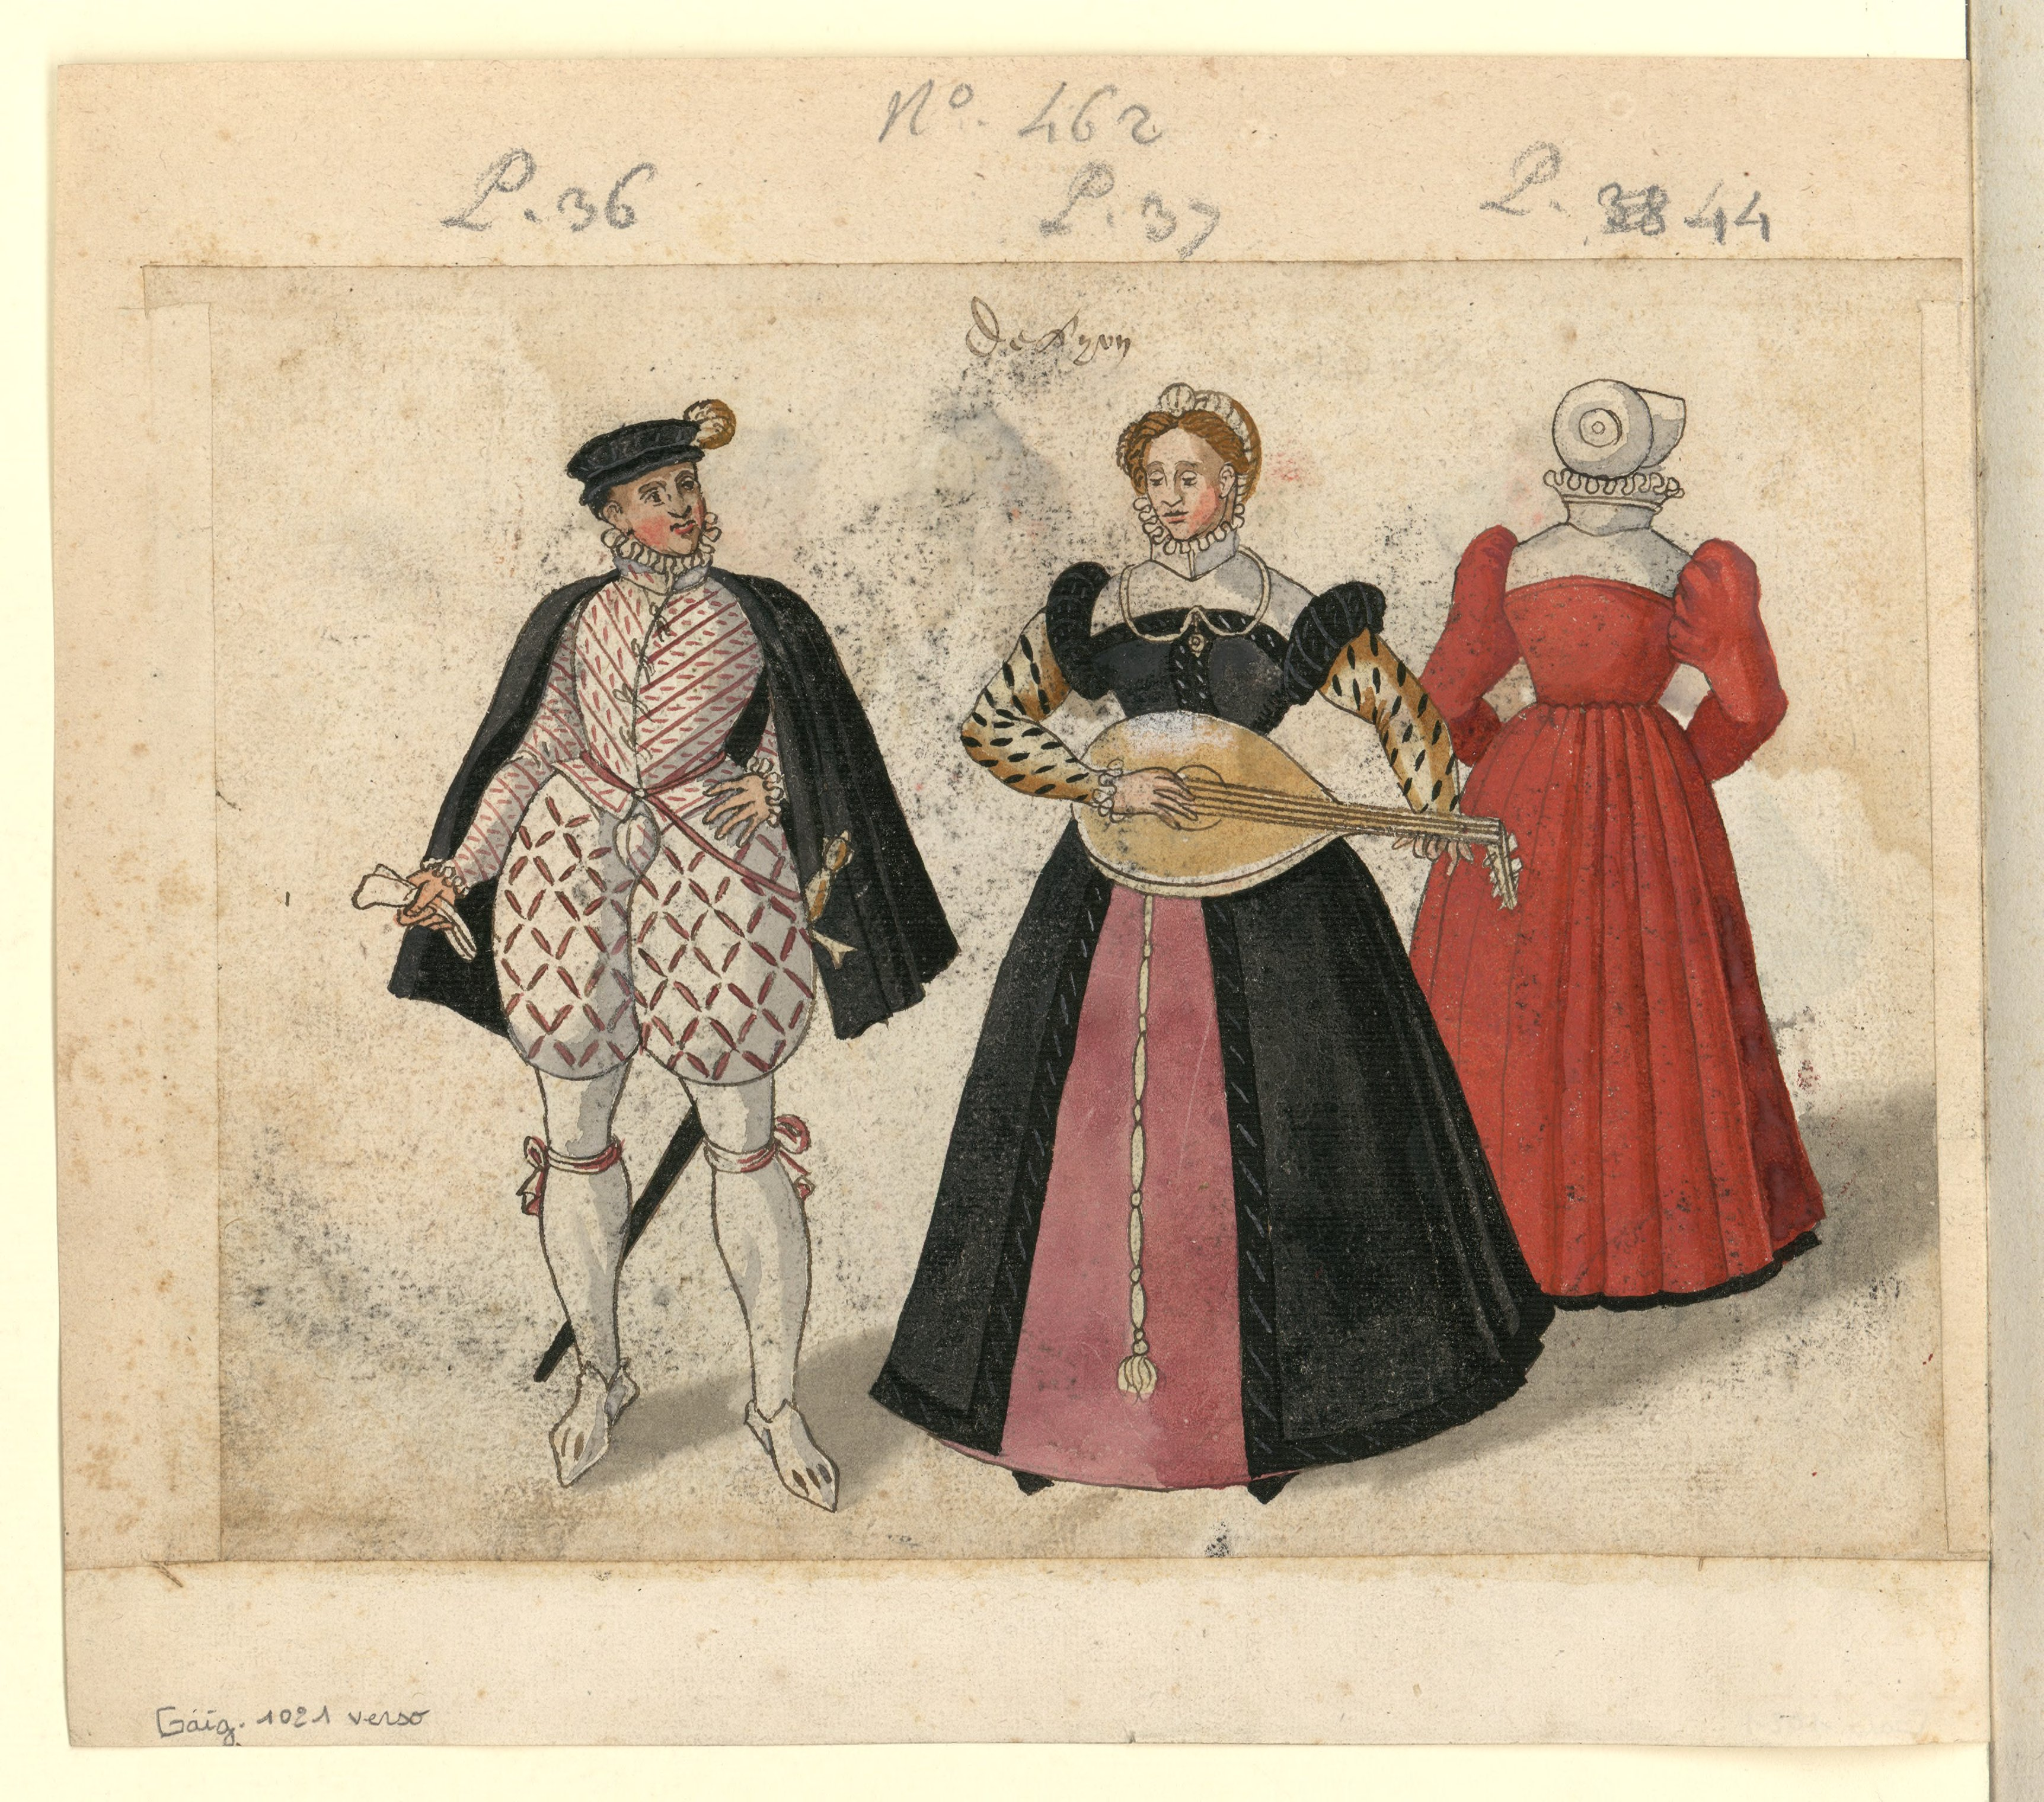 1572 - Feuillet recto et verso détaché d'un volume ayant appartenu à Gaignières, où sont représentés des courtisans et des bourgeoises de Paris et de Lyon en 1572